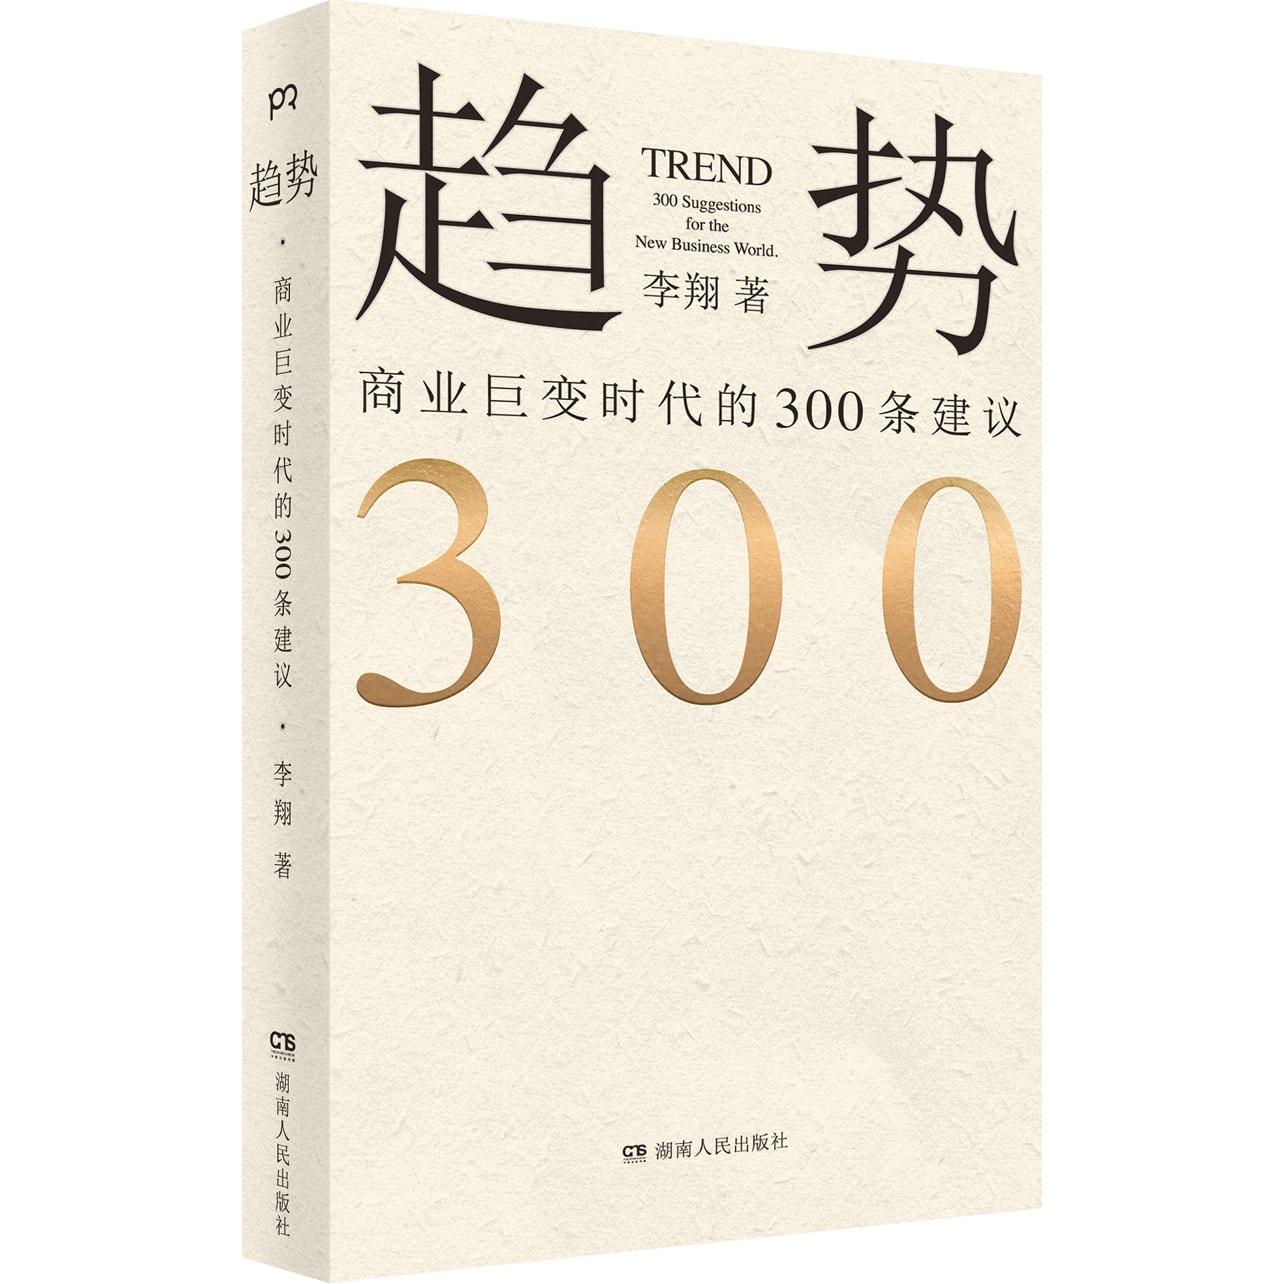 趋势:商业巨变时代的300条建议 怎么样 - 亚米网